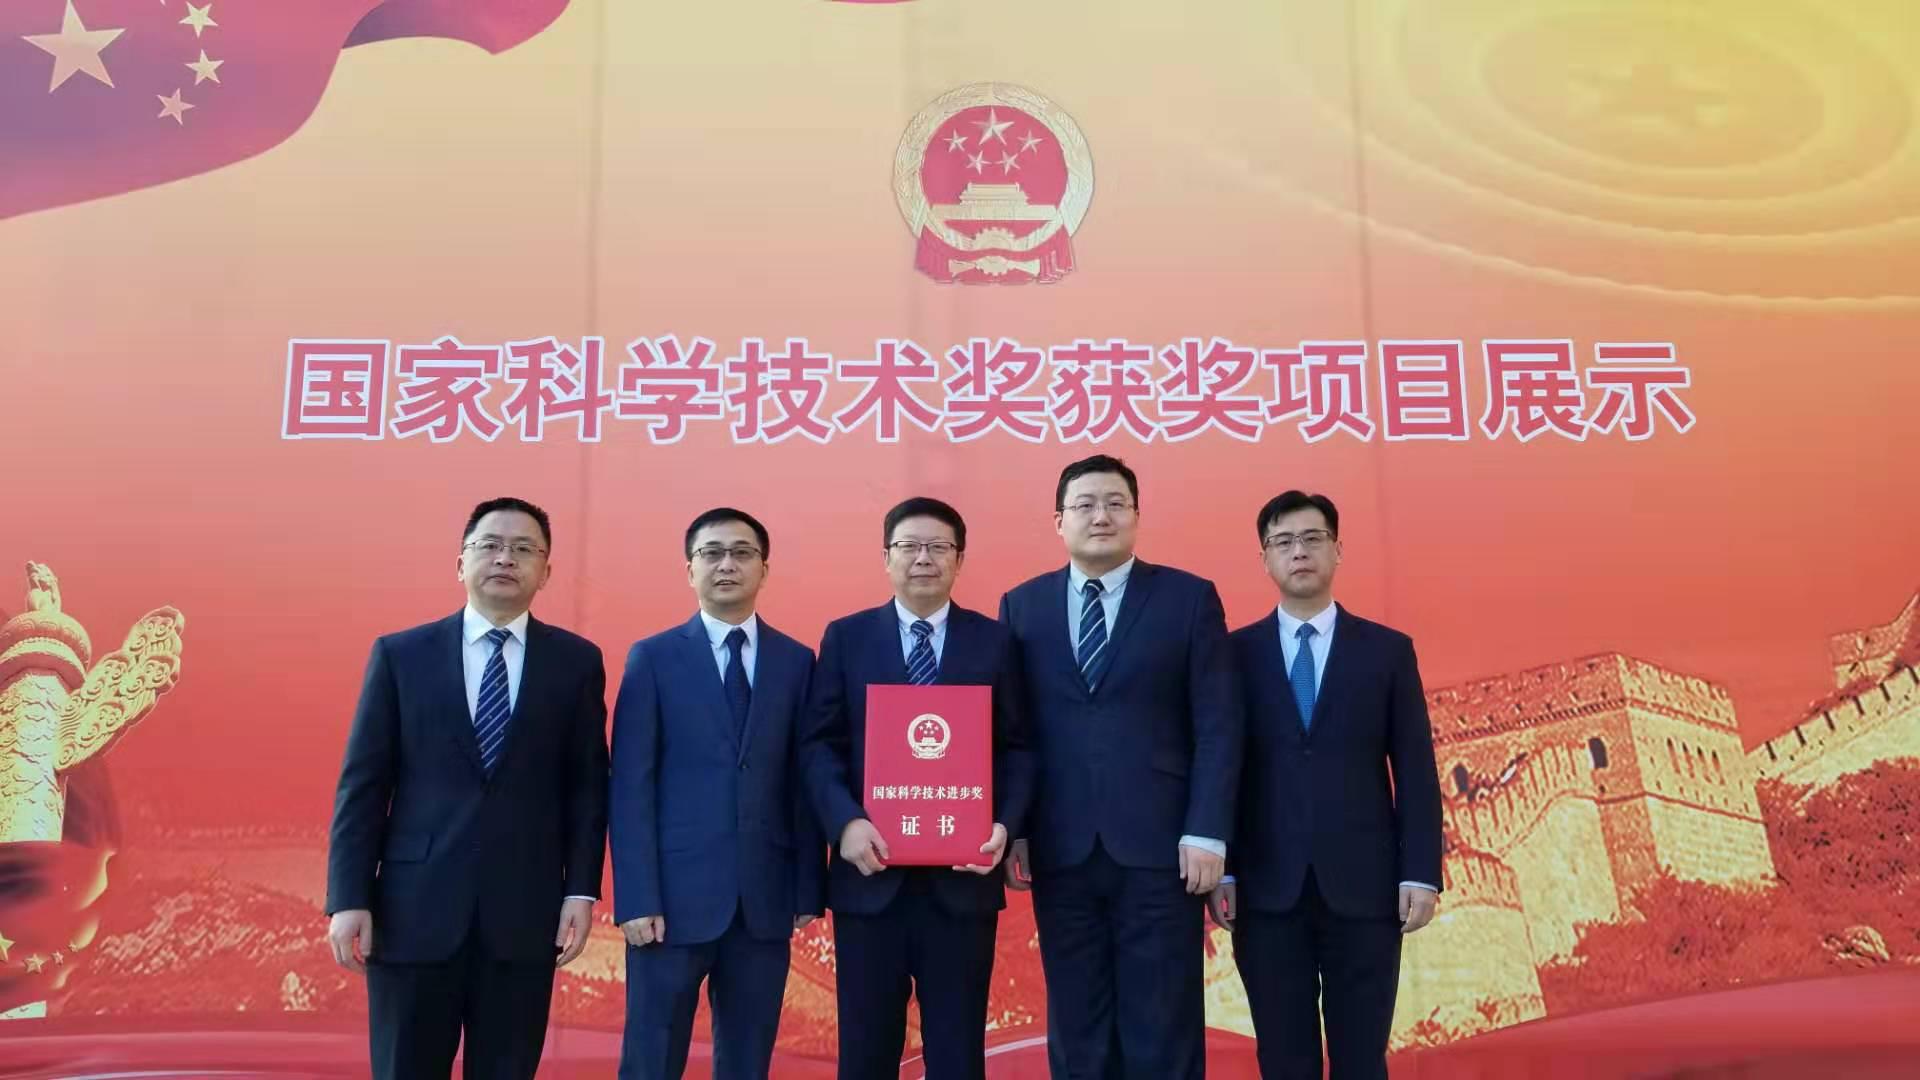 2020年山东省科学技术奖公示:海信7项目入选